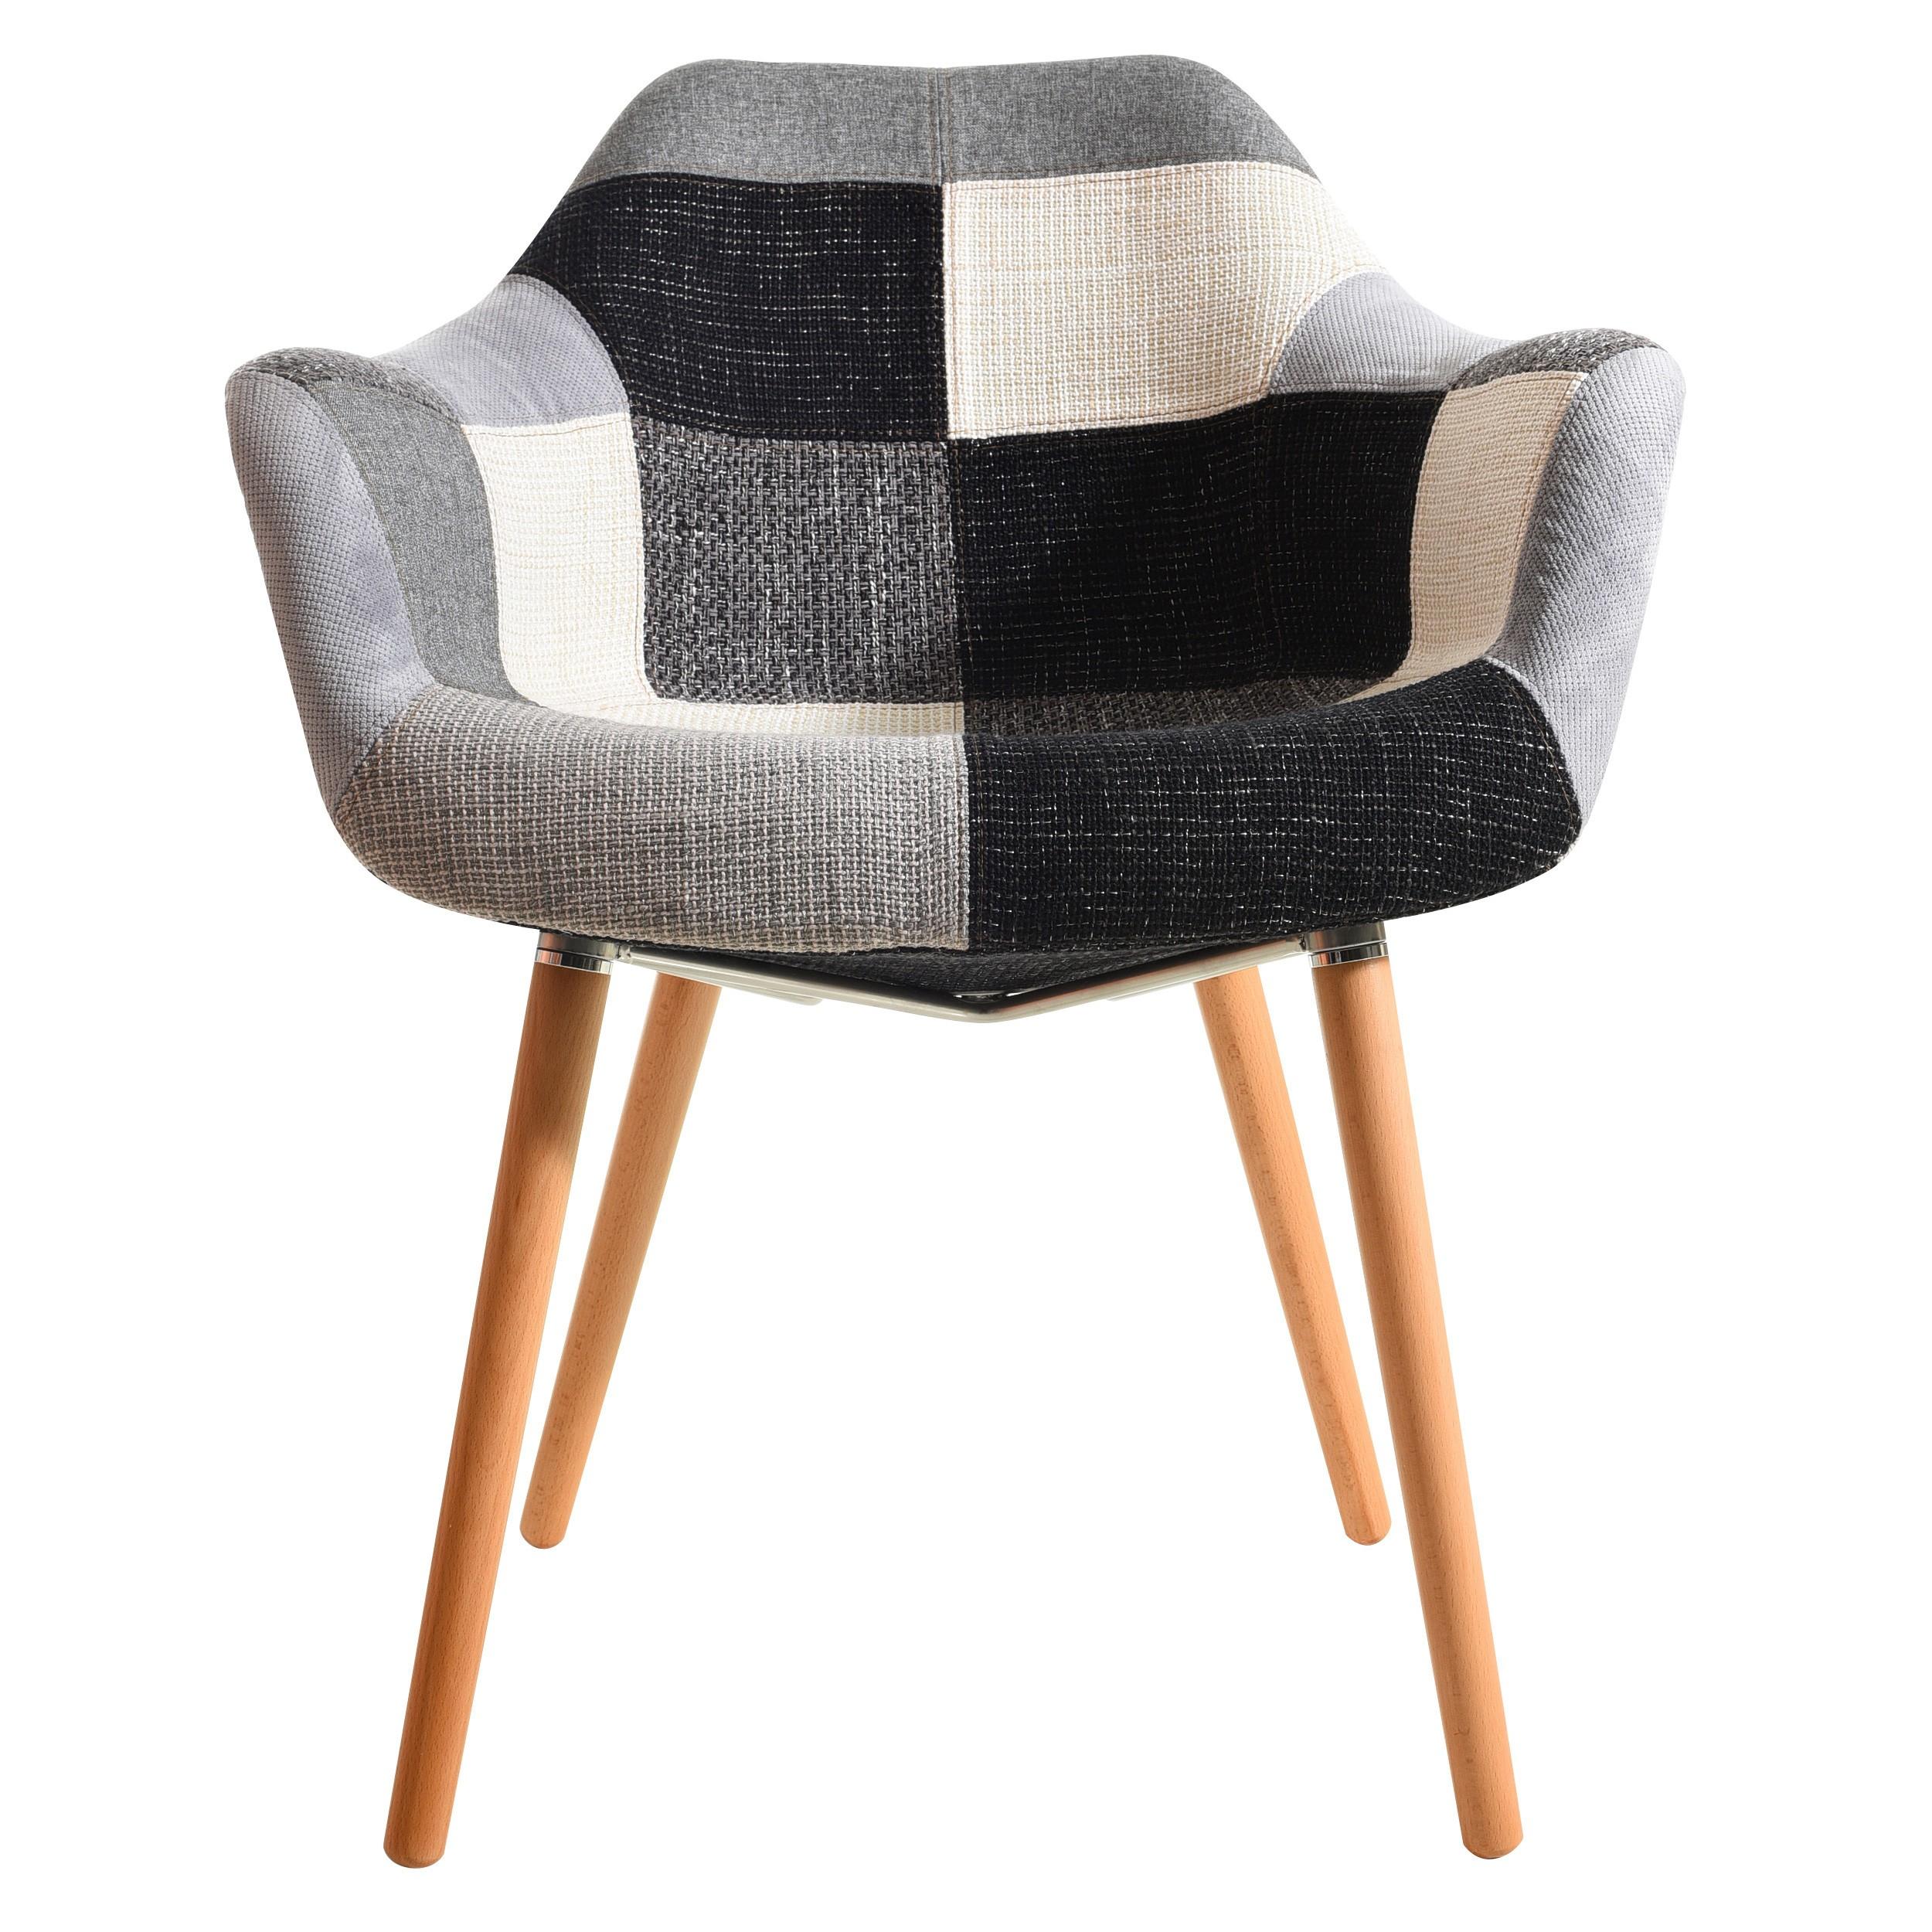 Chaise anssen patchwork grise commandez nos chaises anssen patchwork grises prix d 39 usine rdv for Chaise patchwork